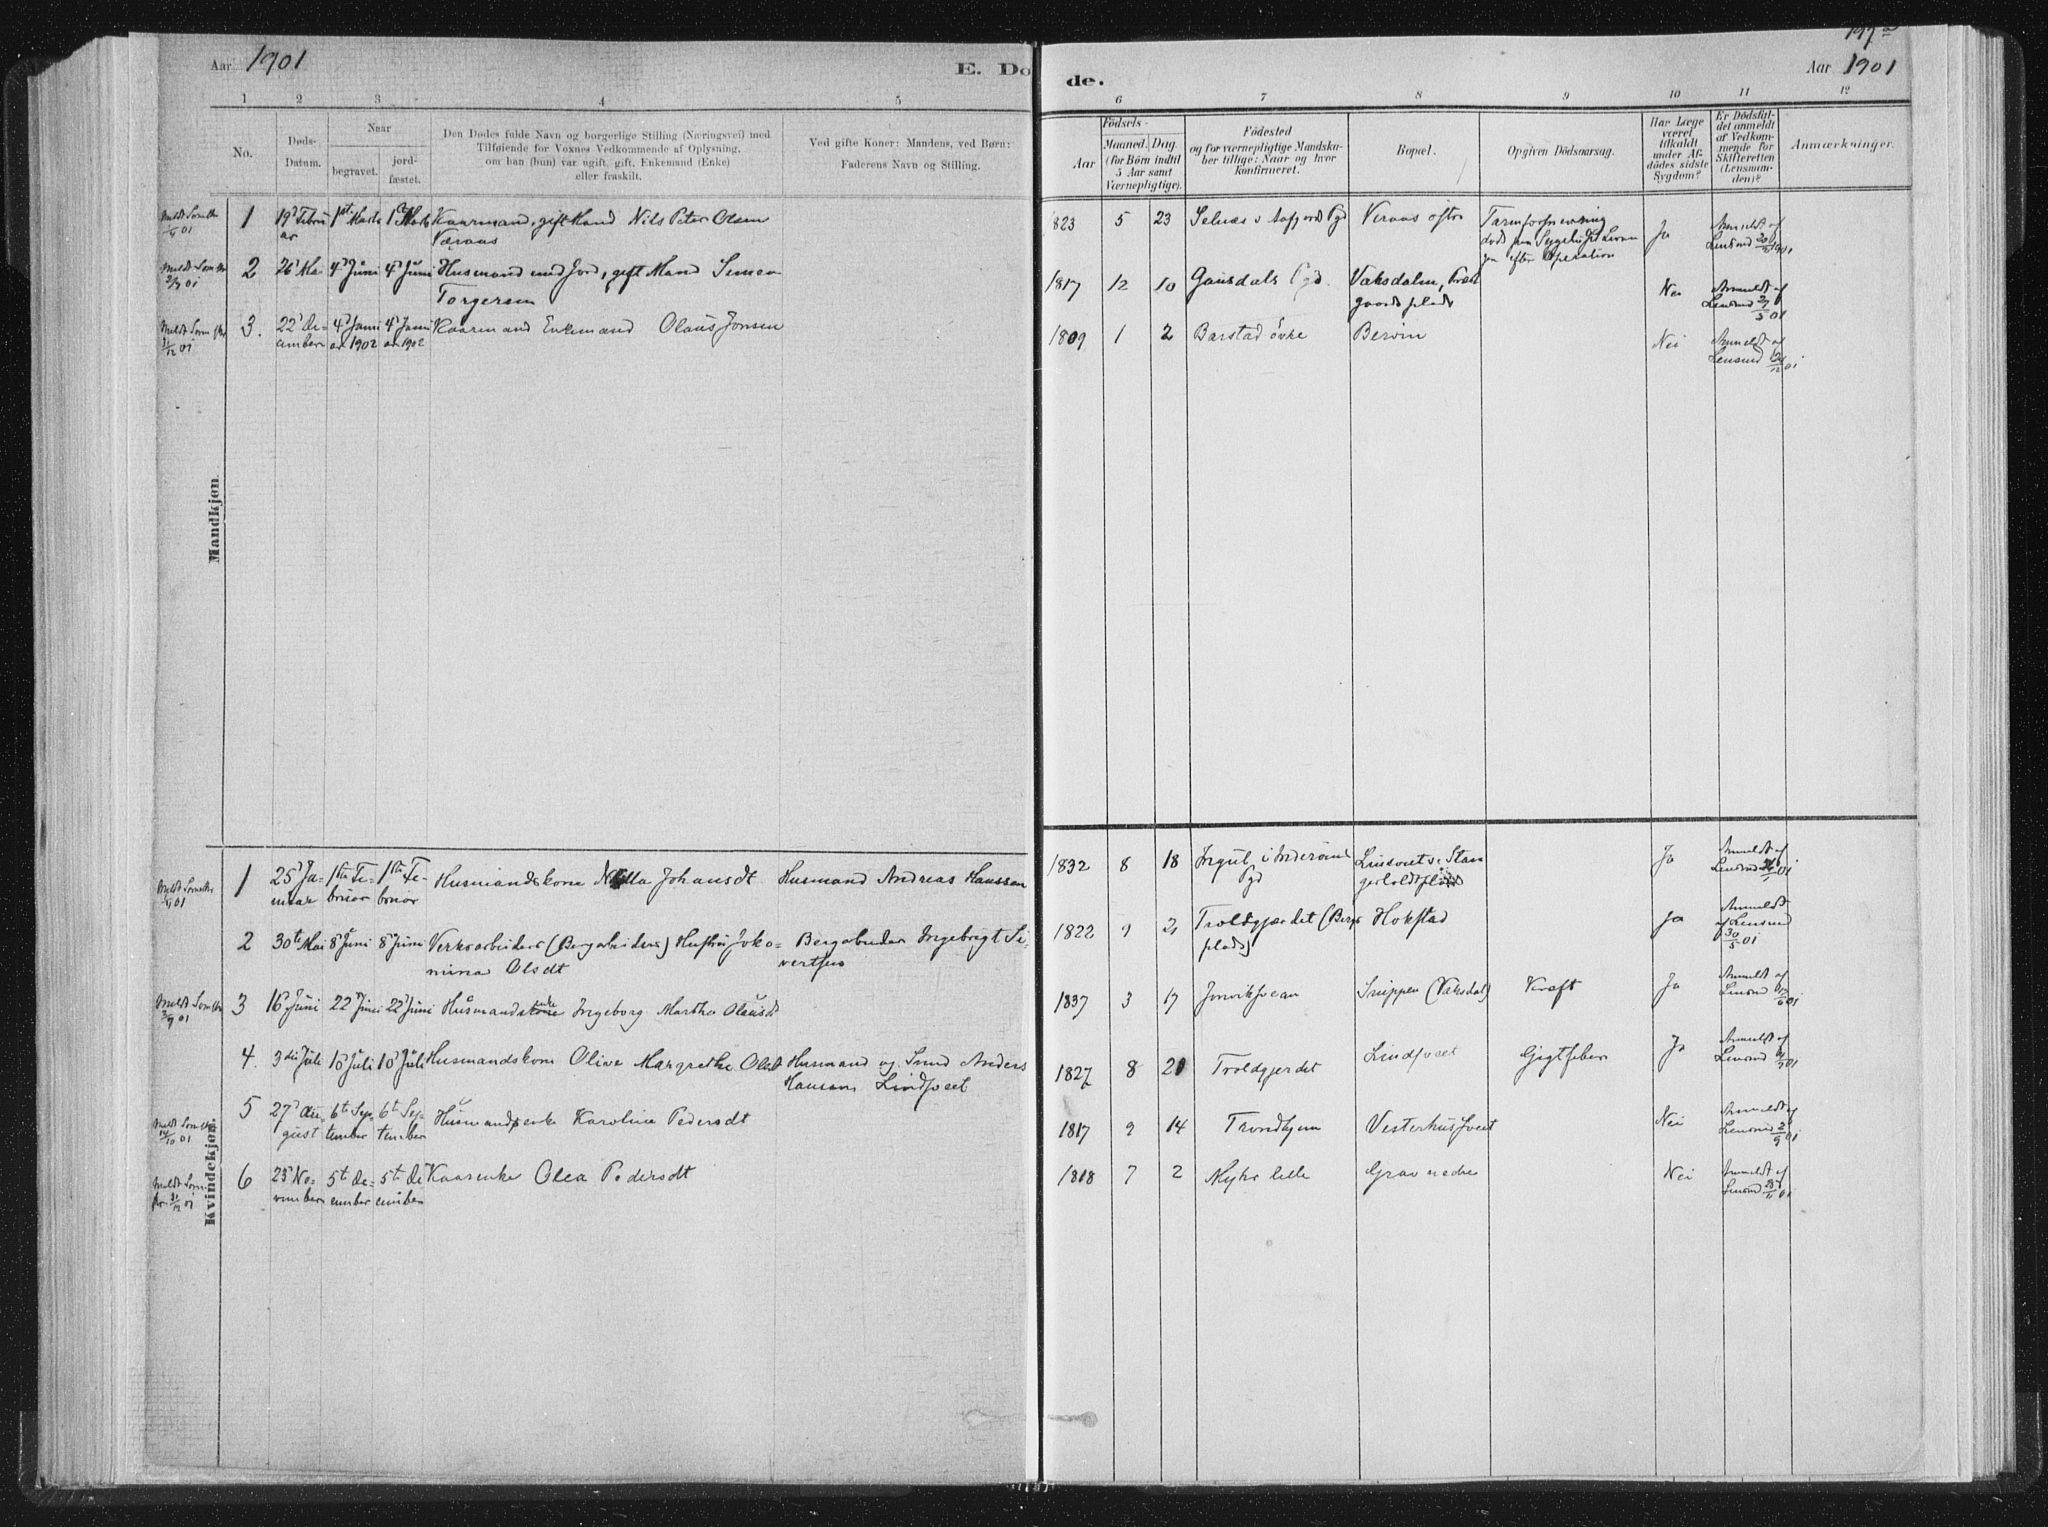 SAT, Ministerialprotokoller, klokkerbøker og fødselsregistre - Nord-Trøndelag, 722/L0220: Parish register (official) no. 722A07, 1881-1908, p. 197a